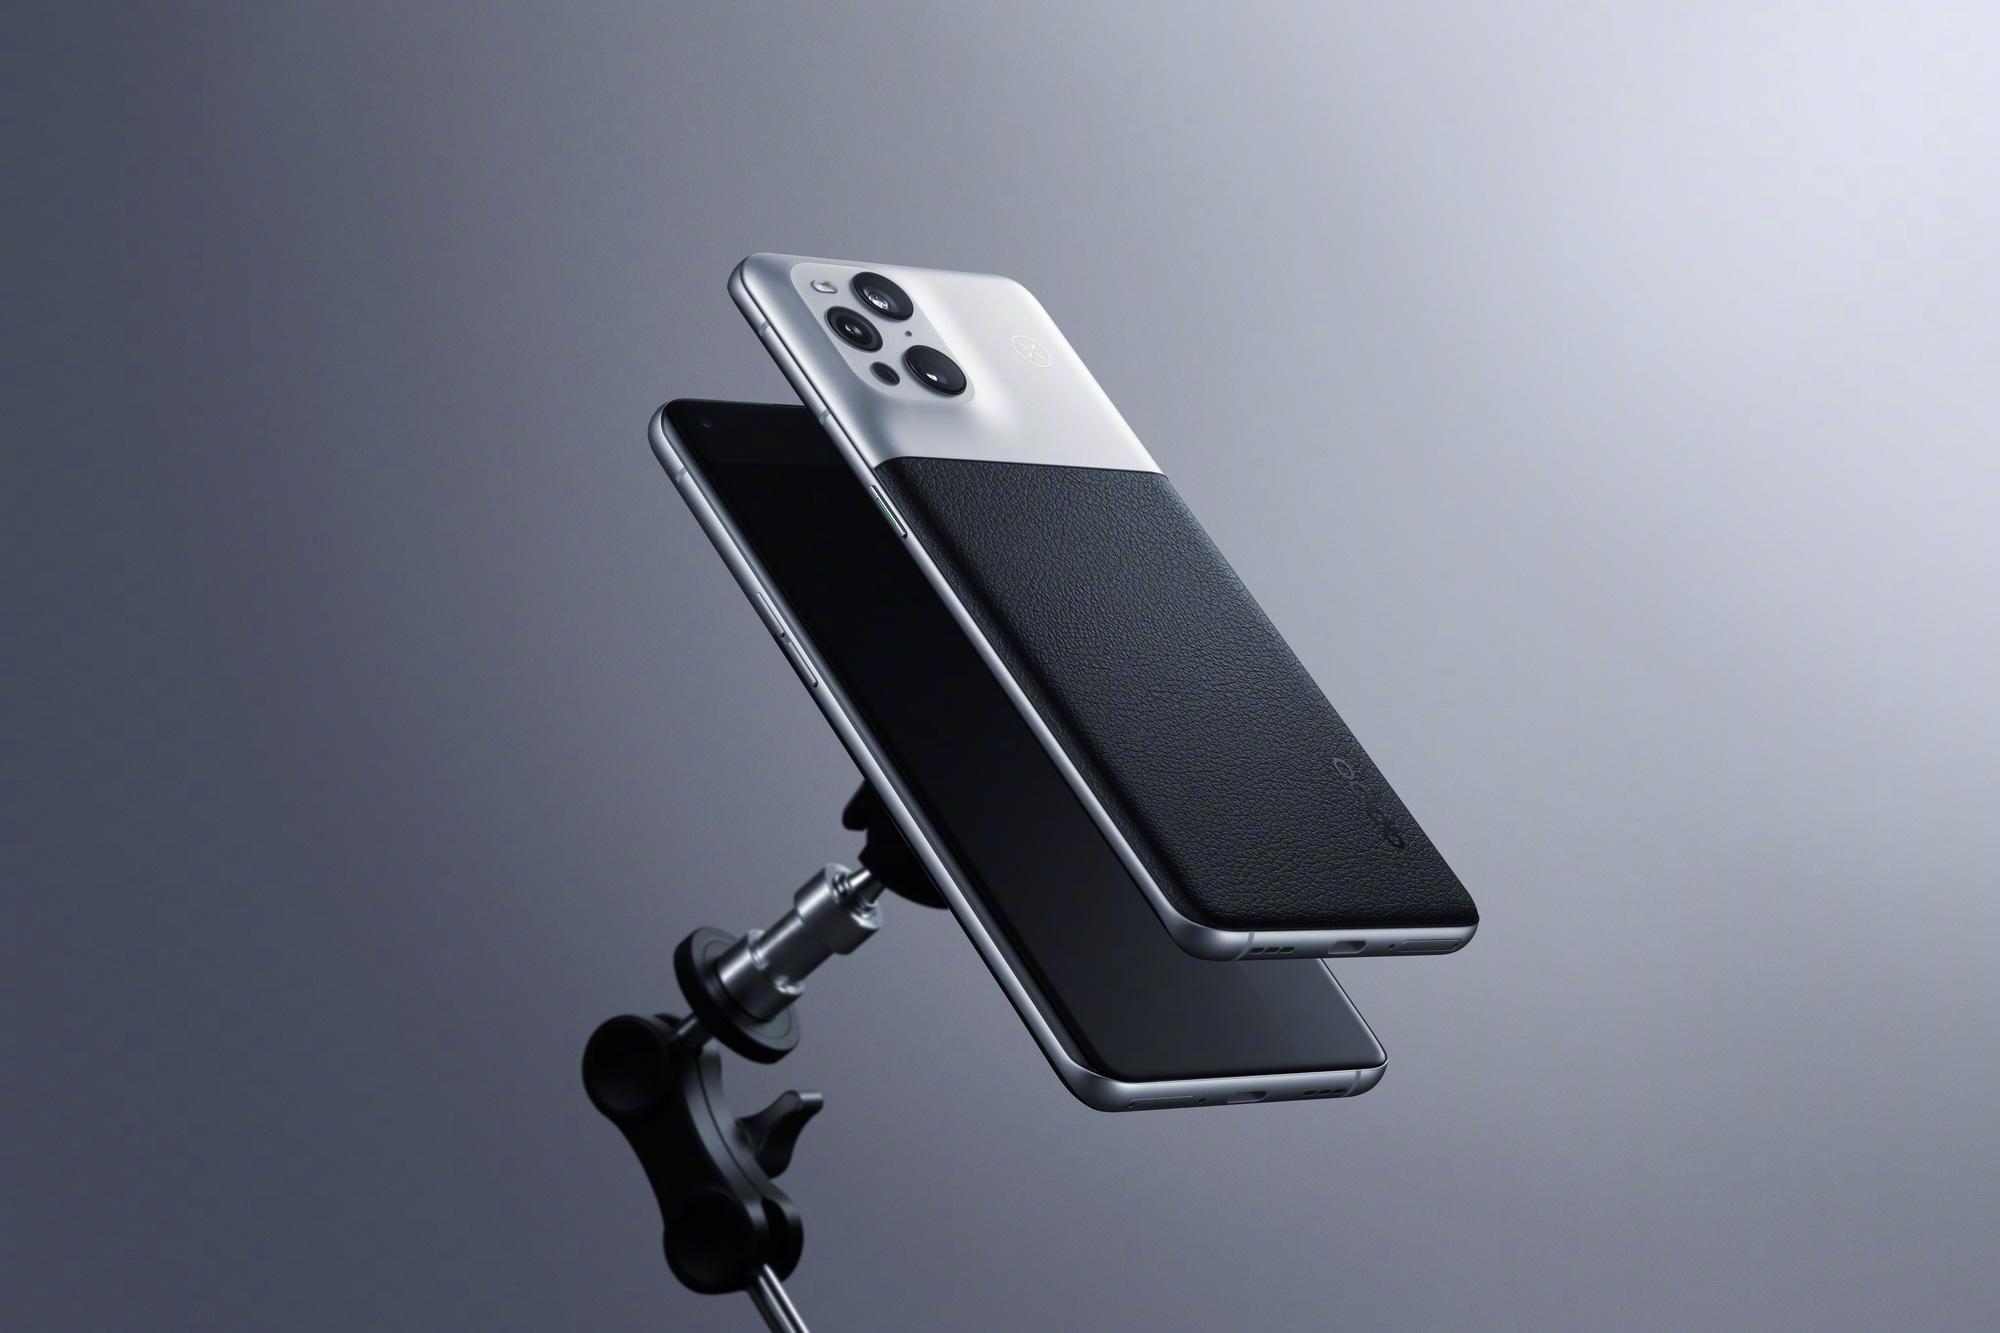 OPPO Find X3 Pro: фото и видео вместе с Kodak Xiaomi  - bolshe_foto_i_video_fotomodeli_oppo_find_x3_pro_s_kodak_picture2_1